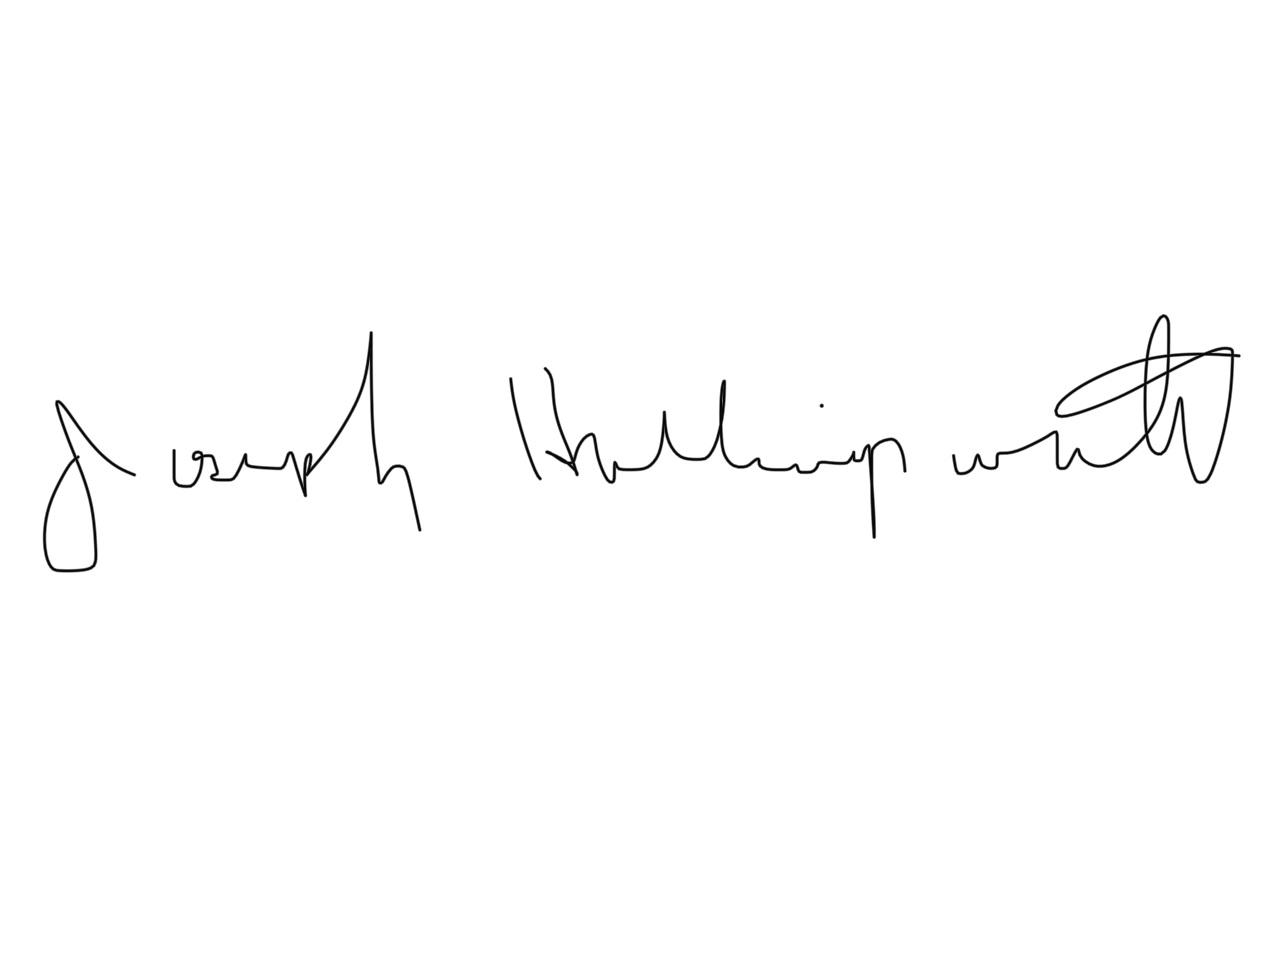 Joseph Hollingsworth's Signature